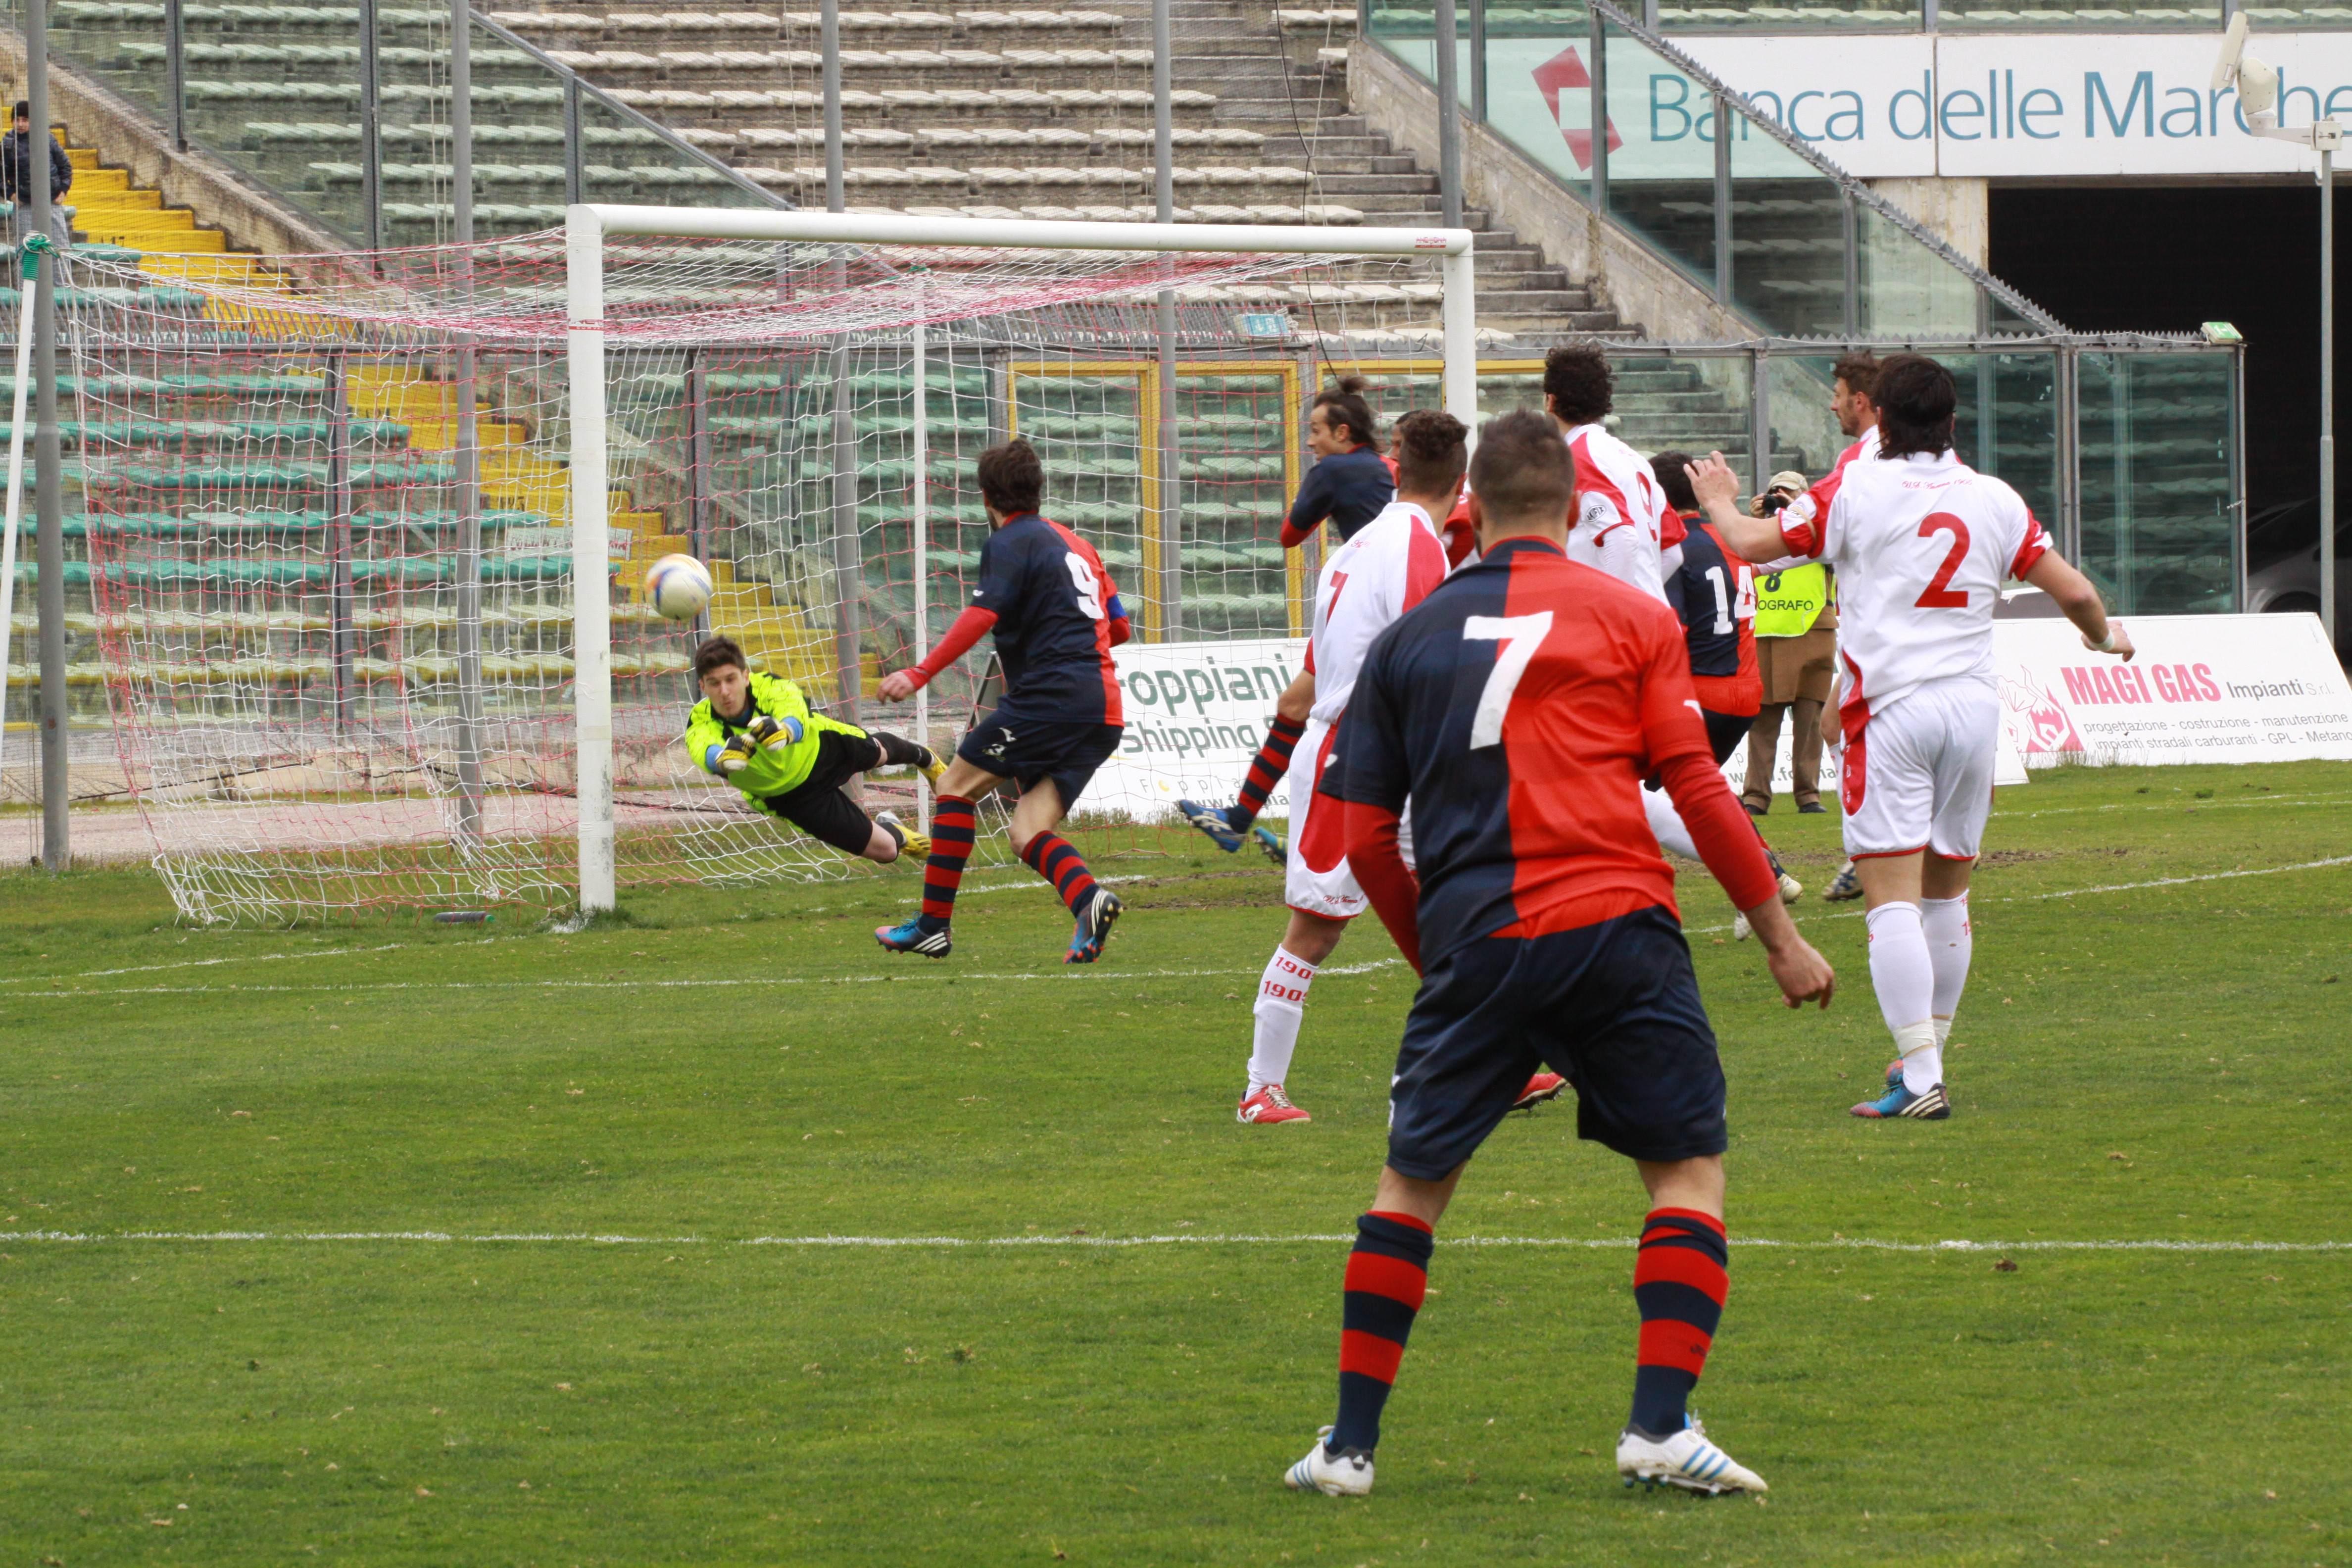 Ancona-Samb, punizione di Napolano (bianchini)